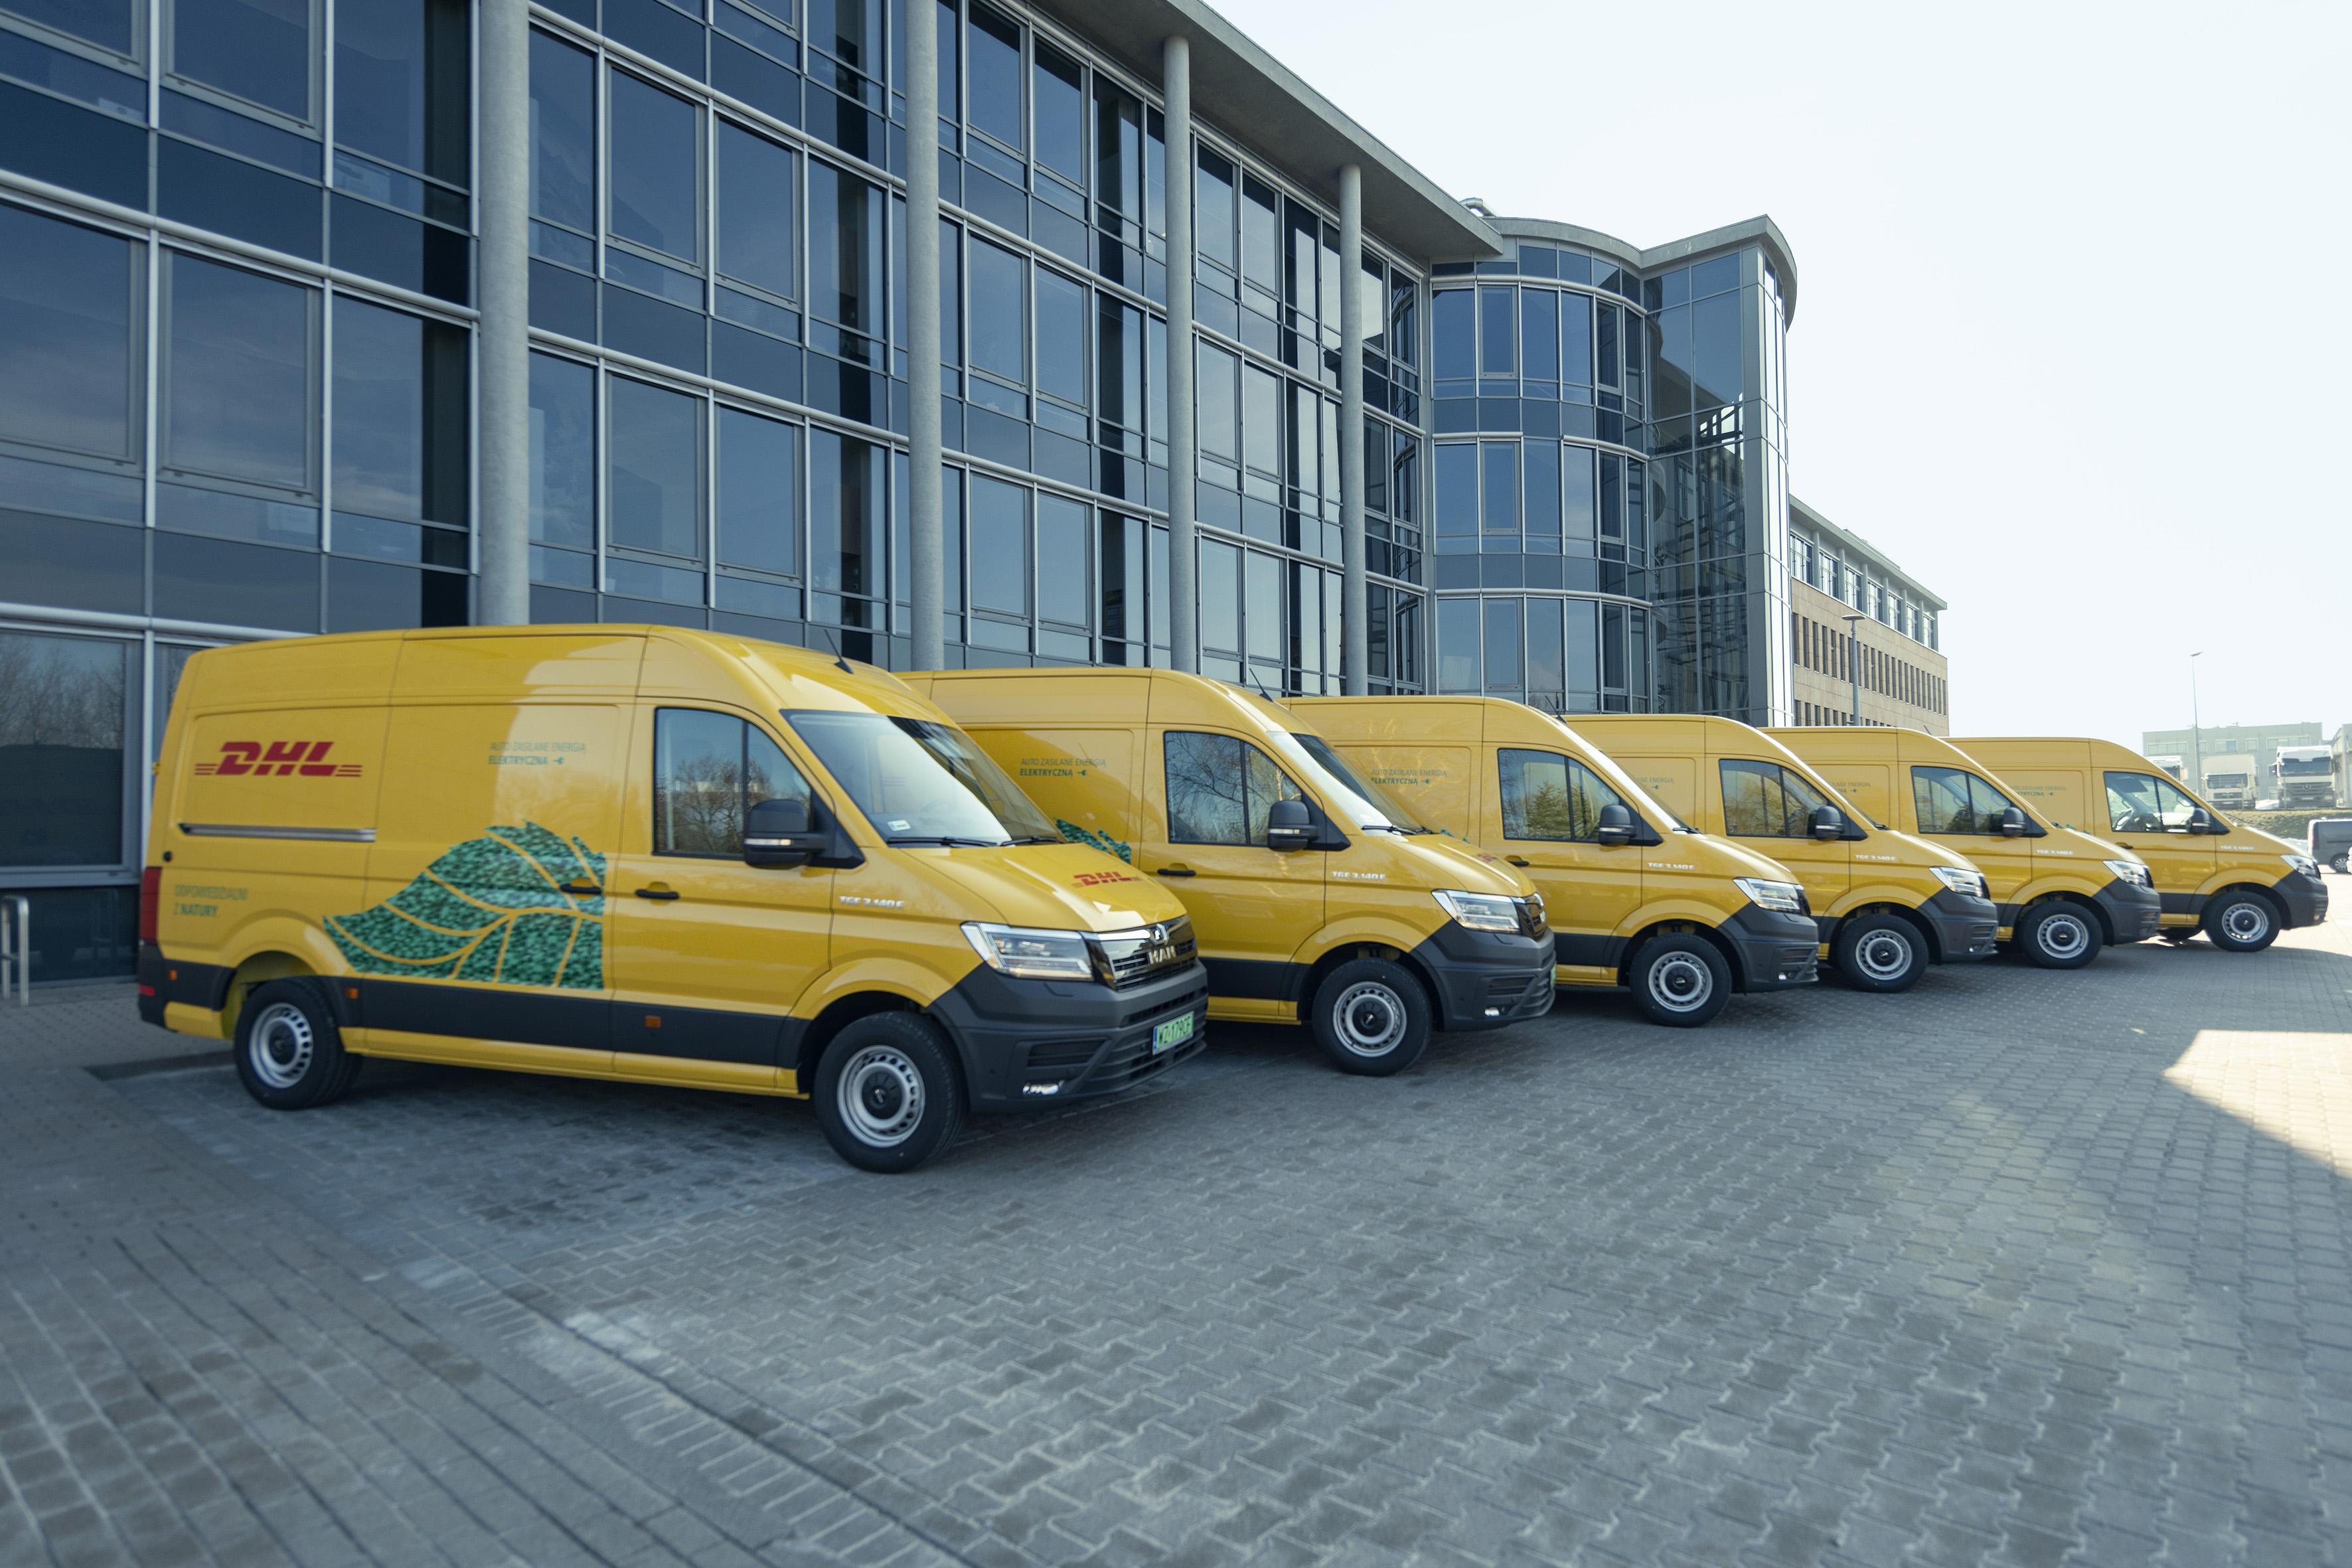 DHL Parcel inwestuje w dostawcze samochody elektryczne dla kurierów